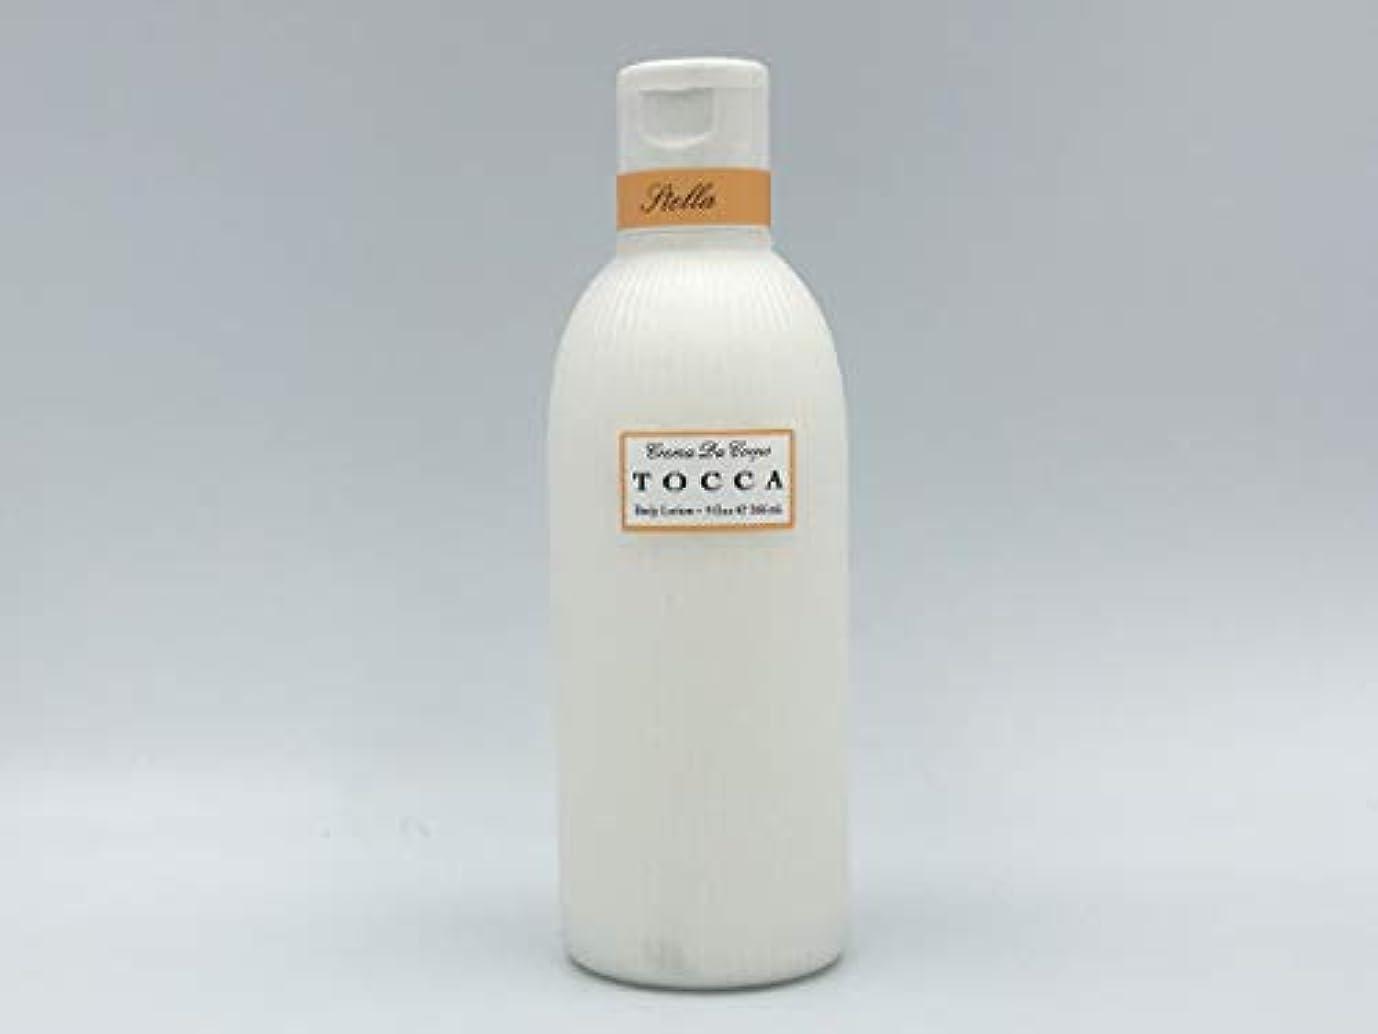 連隊誇張する関係するトッカ TOCCA ボディローション ステラ 266ml (香水/コスメ) 新品 [並行輸入品]